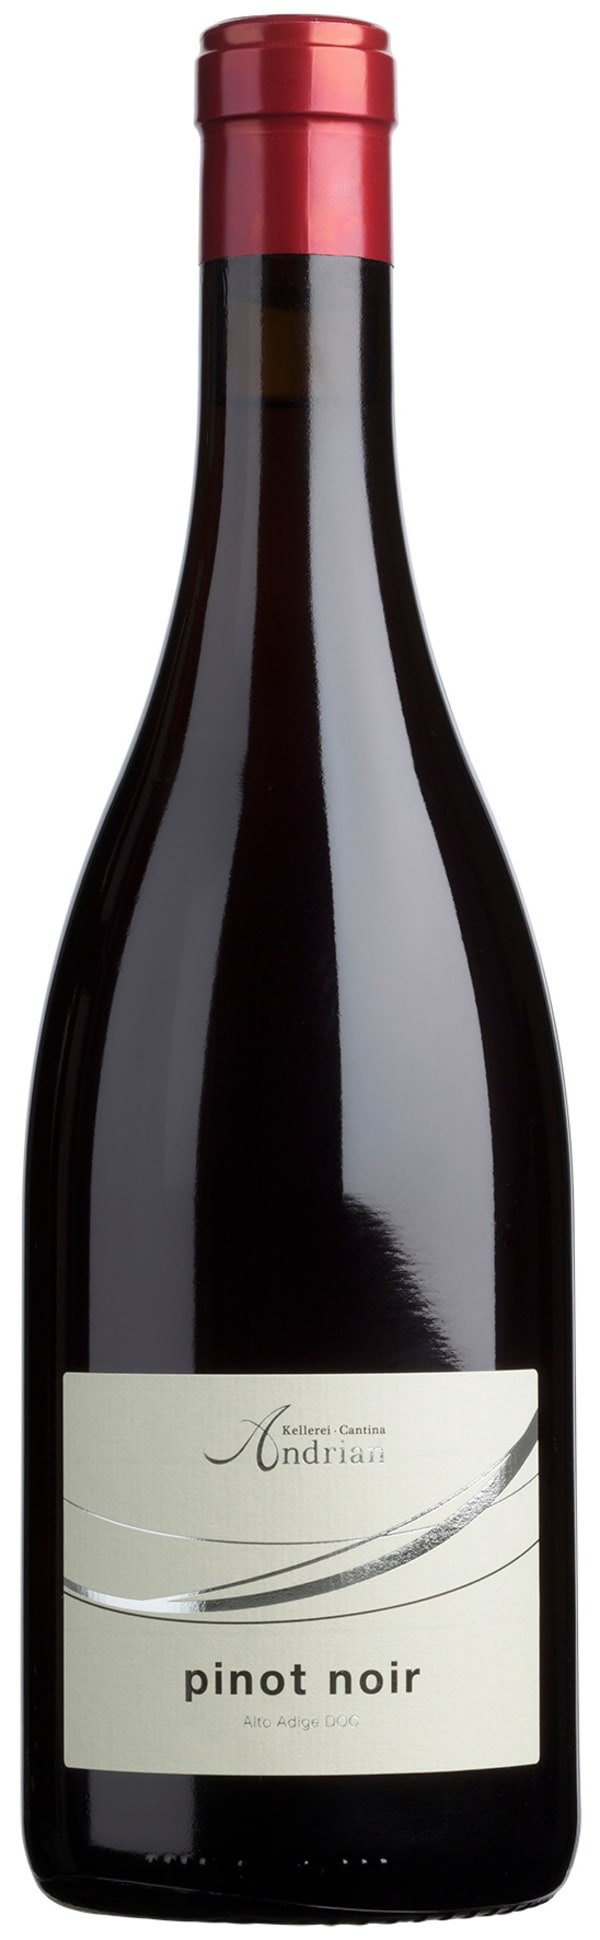 Cantina Andrian Pinot Noir 2017